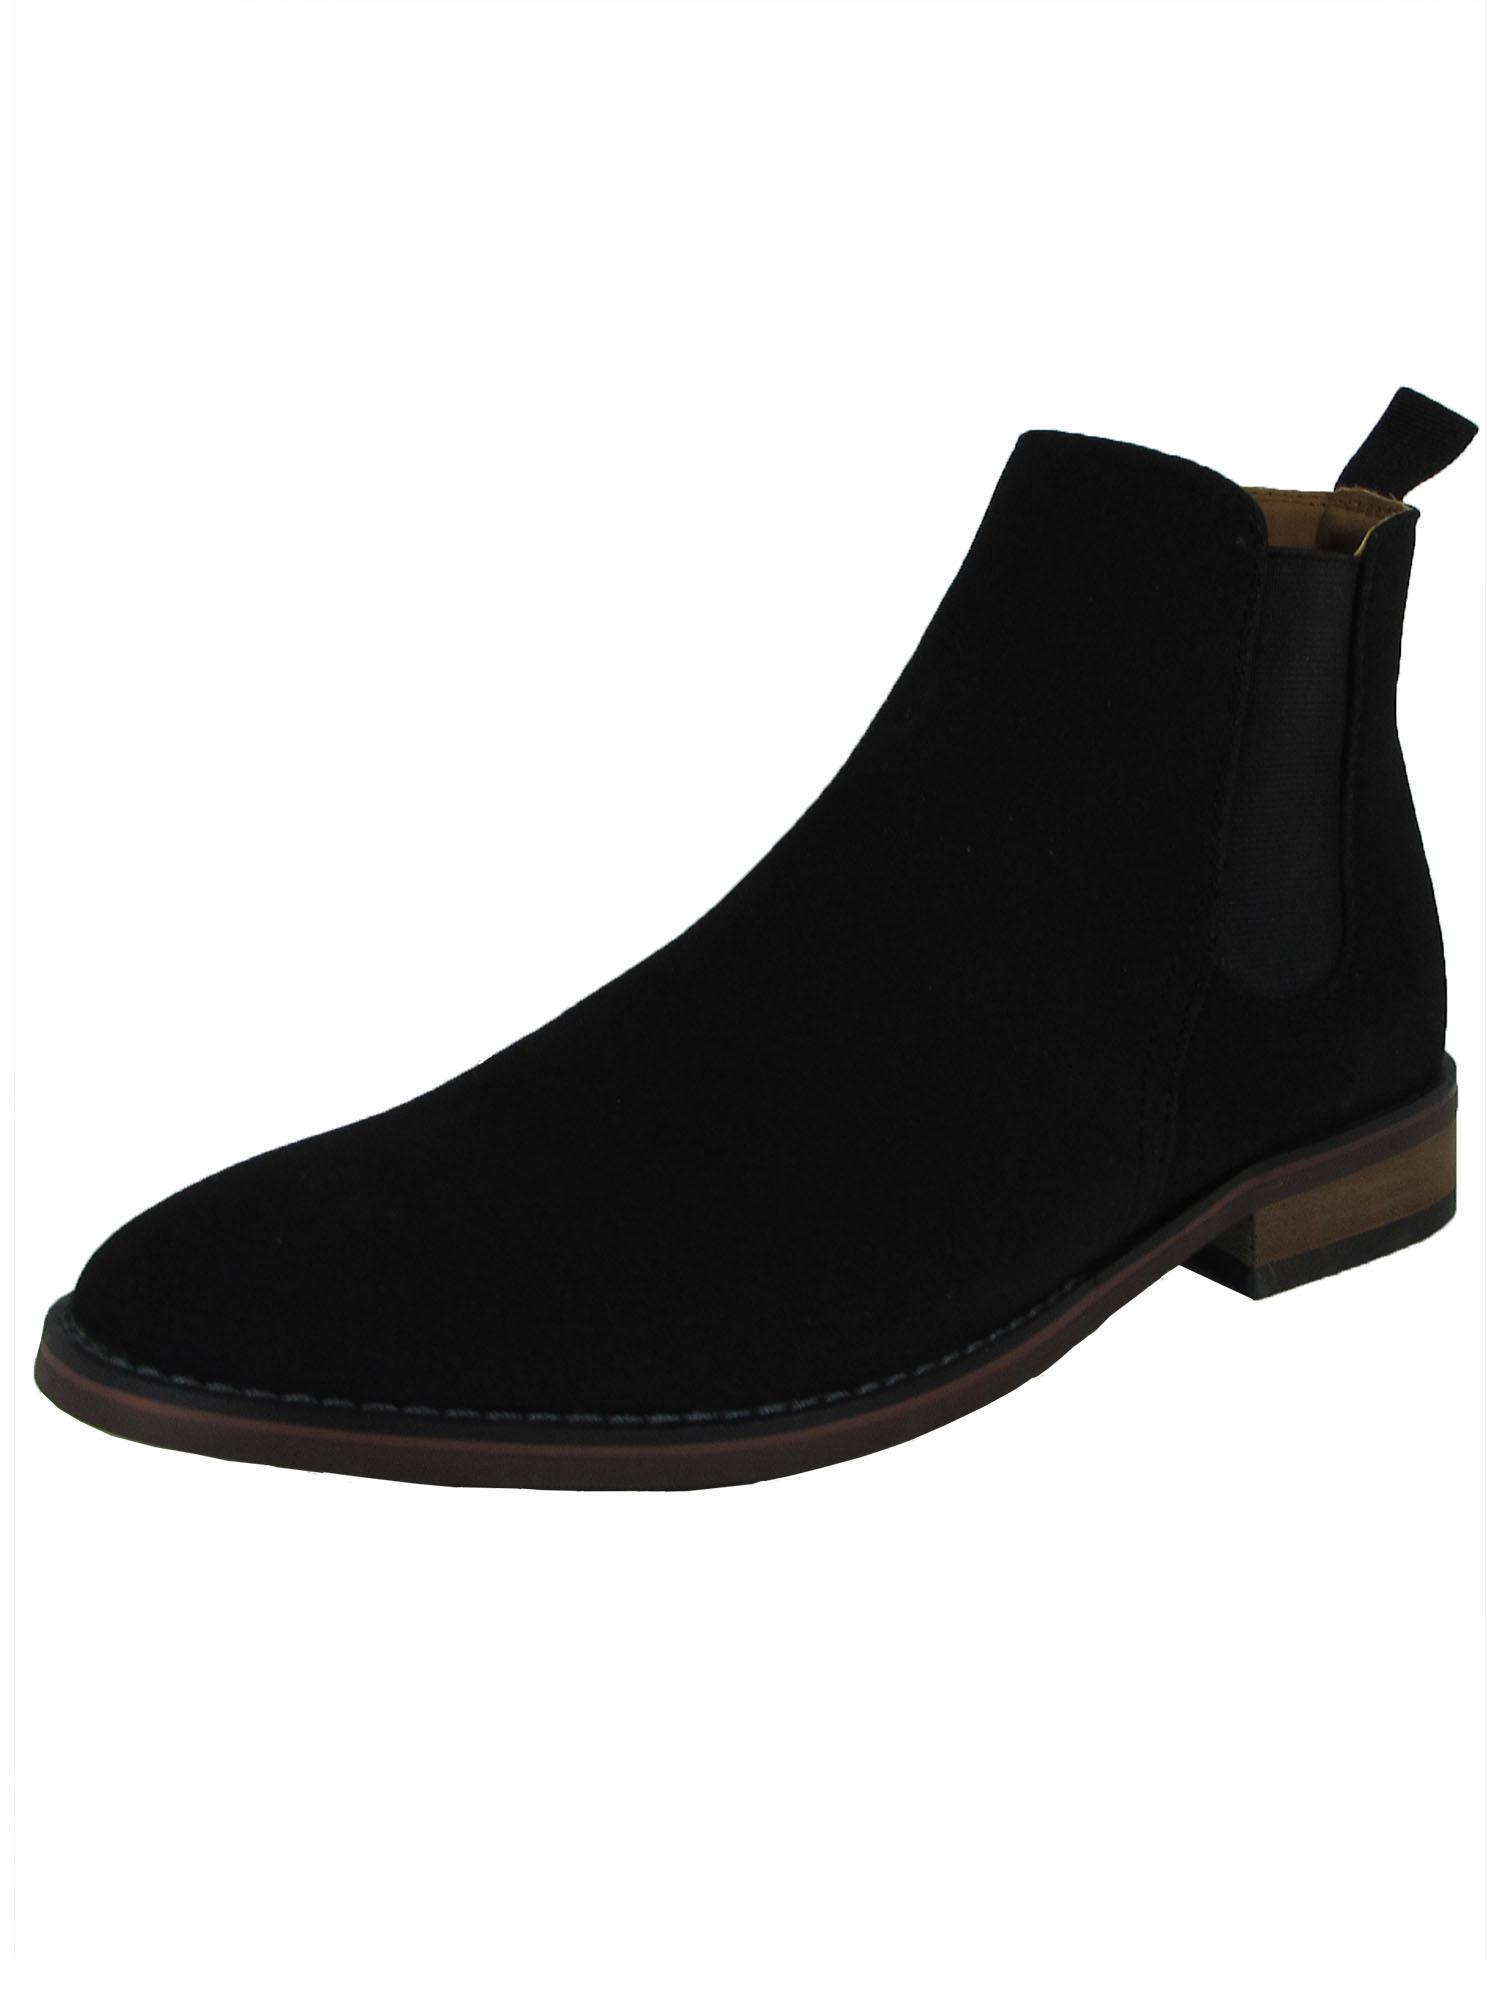 Madden By Steve Madden Mens M-Vince Slip On Chelsea Boot Shoes, Black, US 7.5